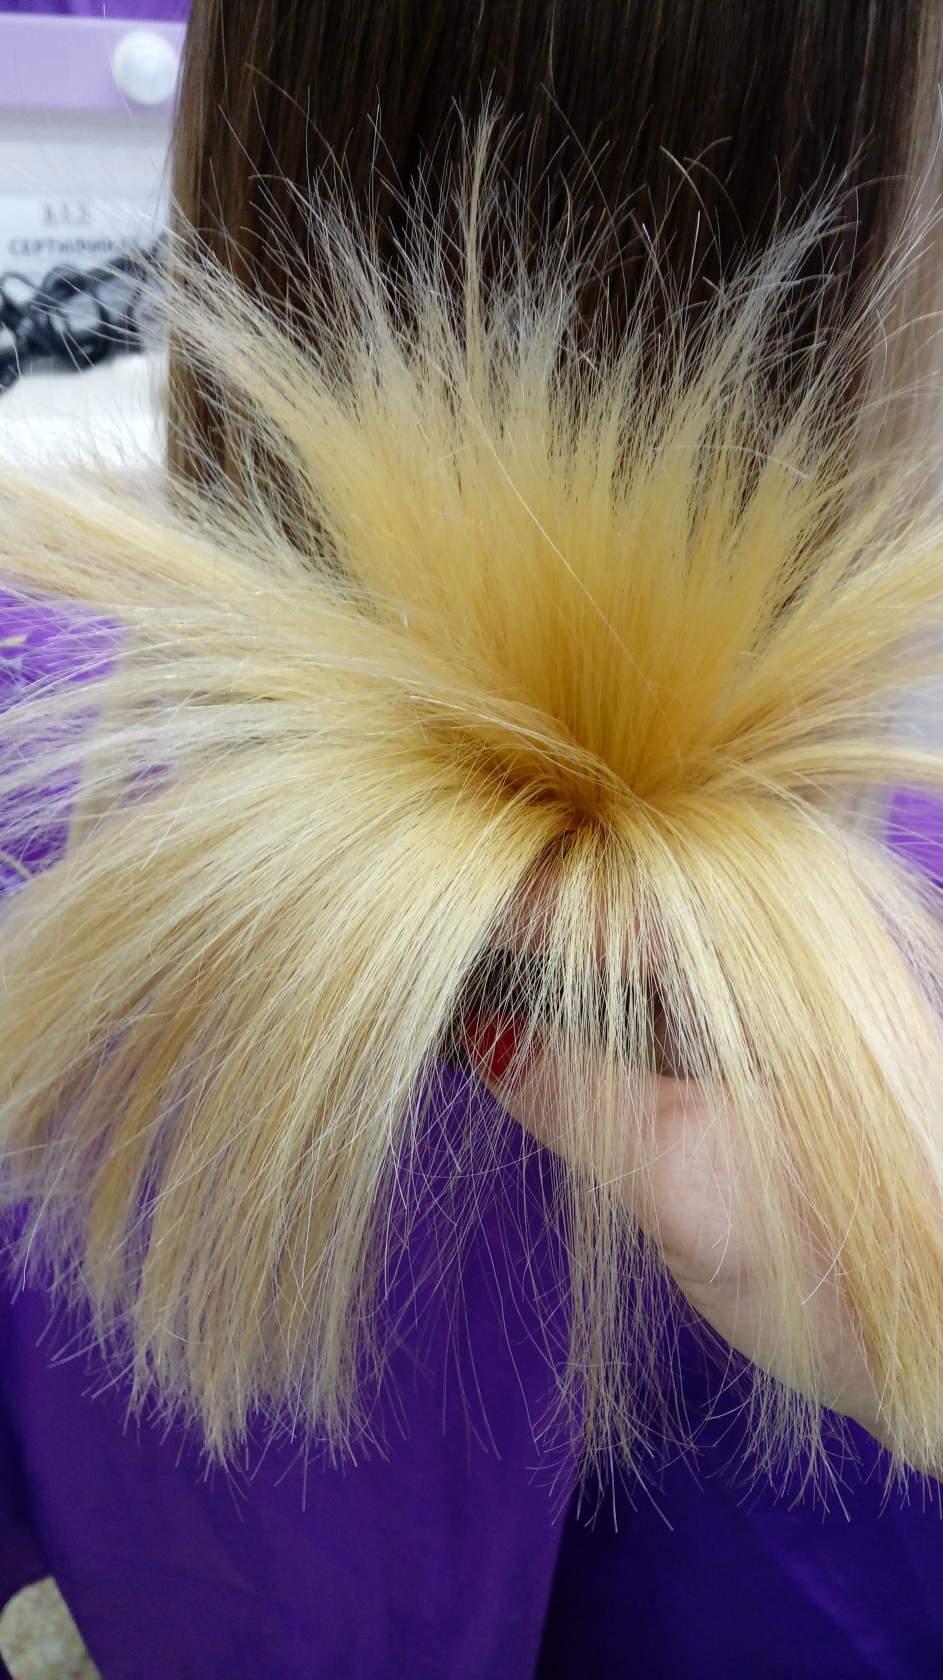 Полировка волос, Spa-уход, брюляж от 13,50 руб.